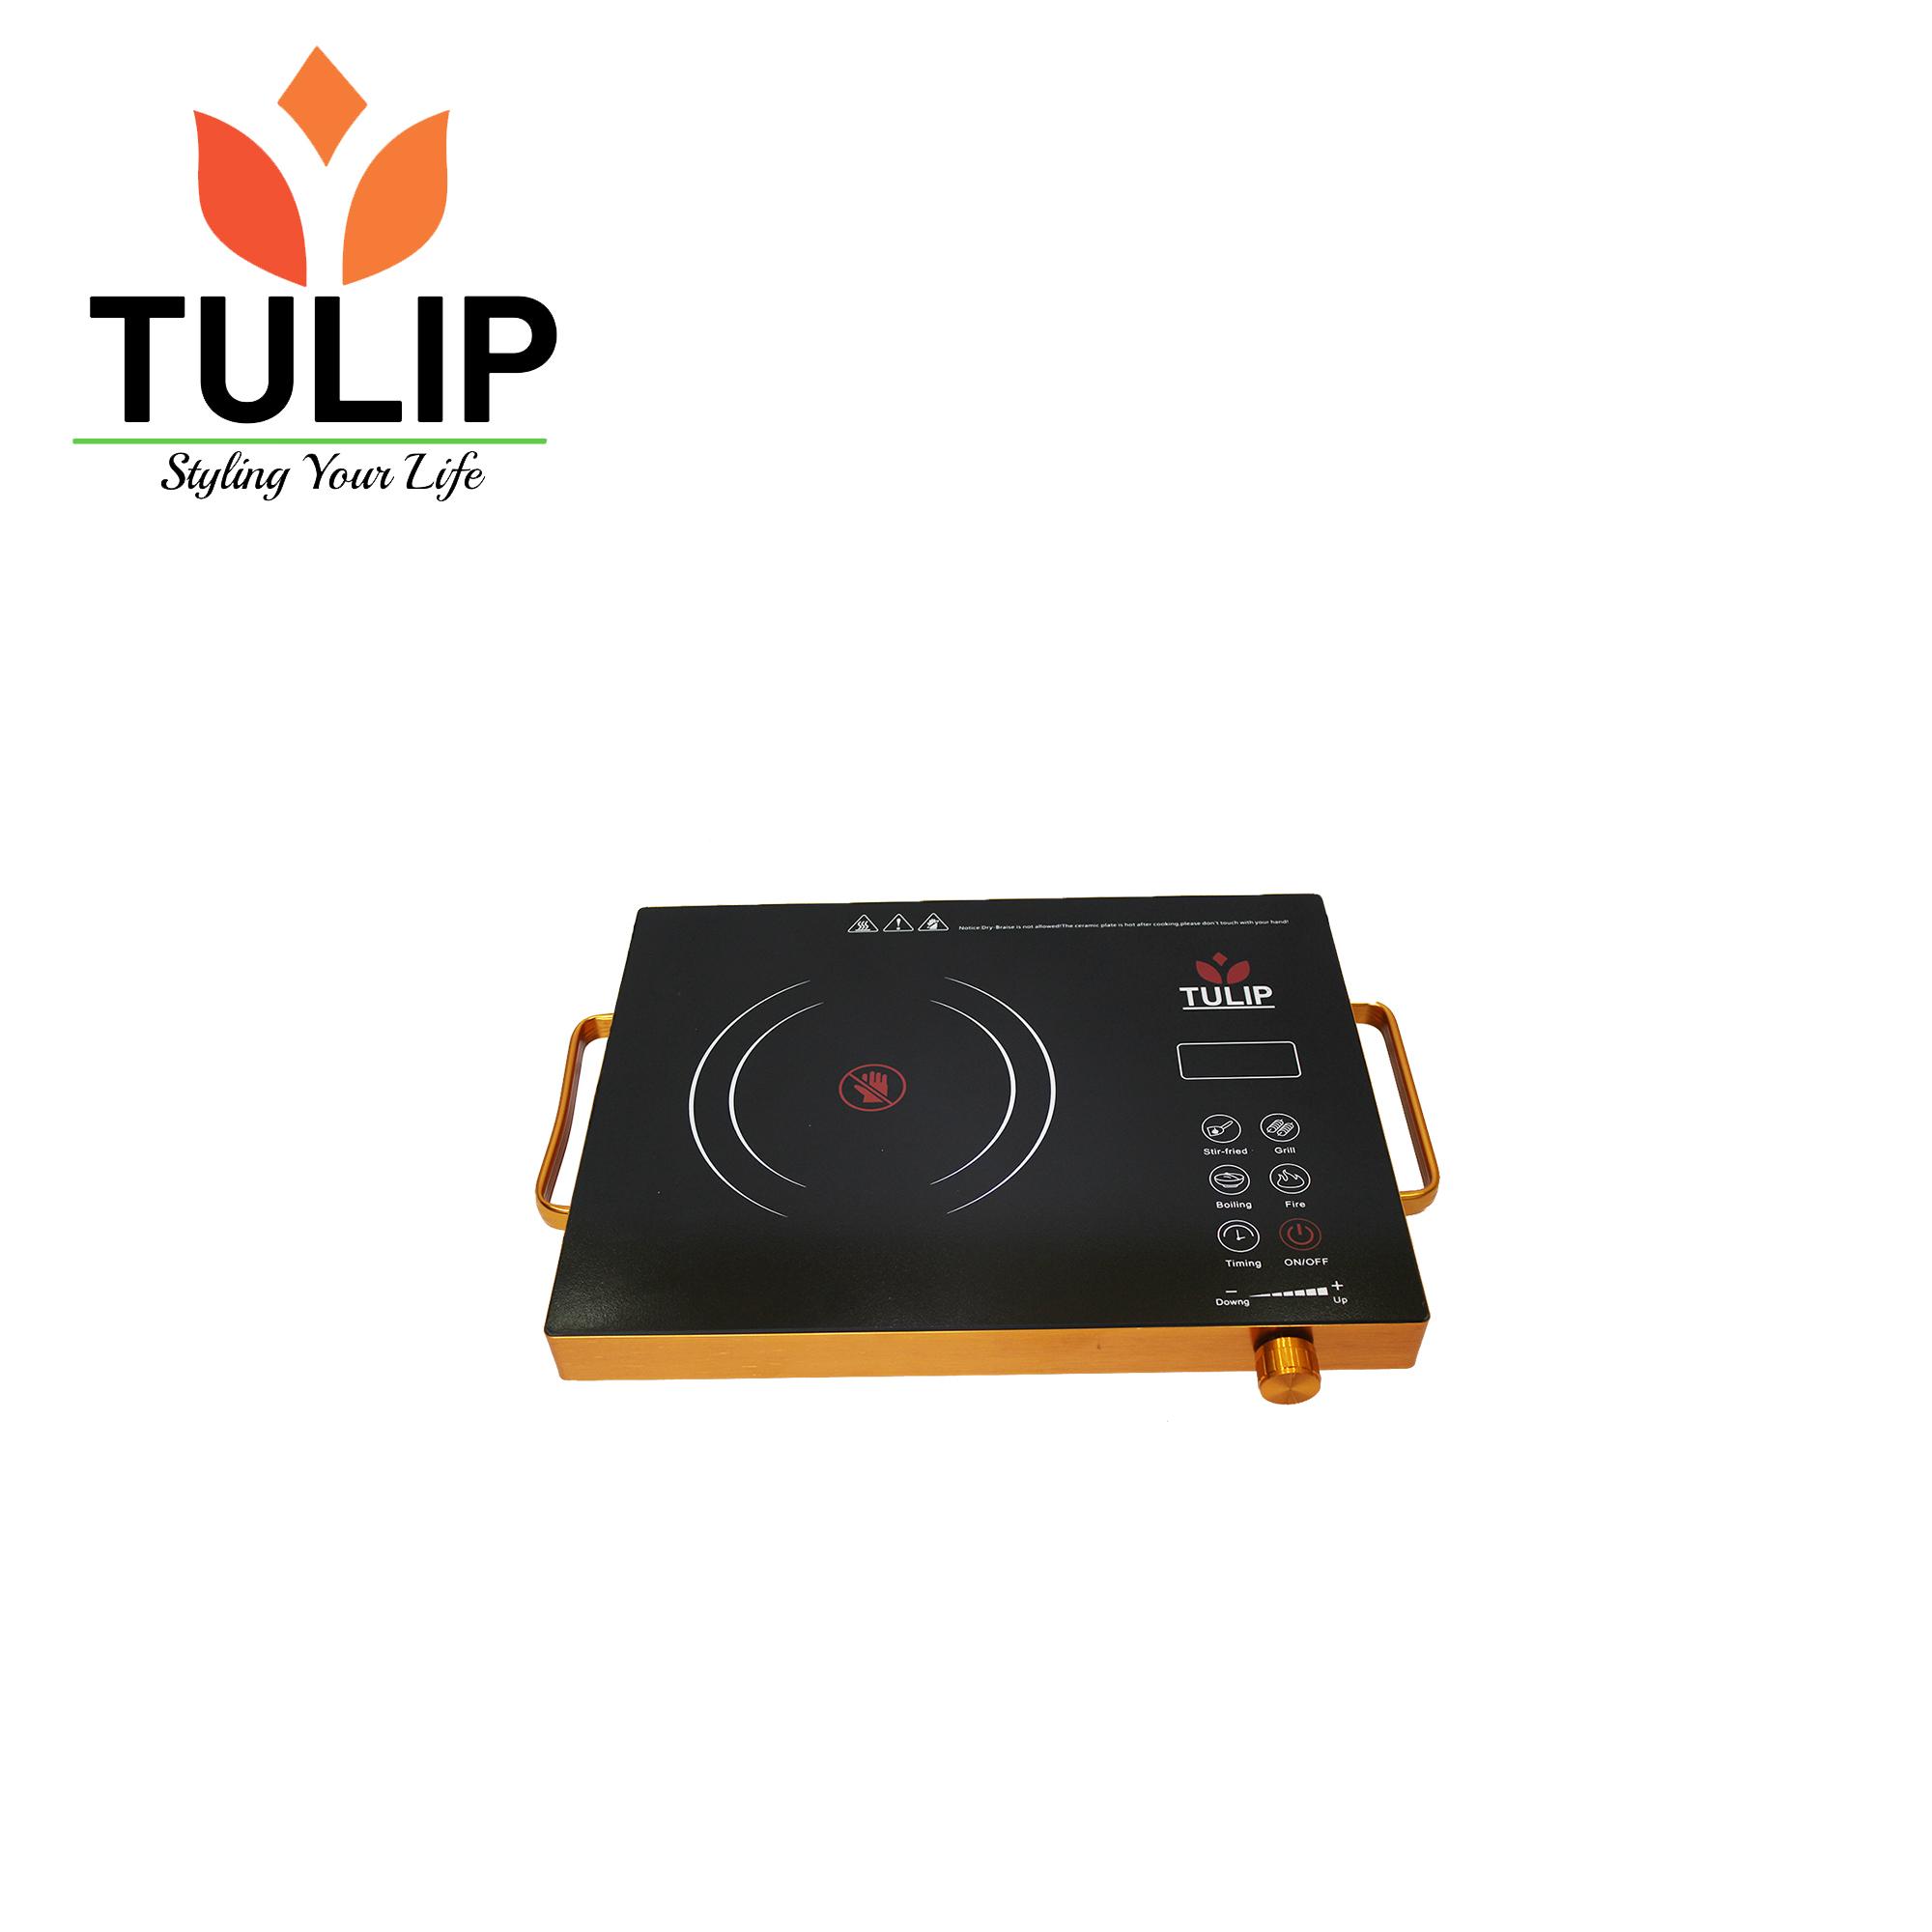 TULIP Infrared induction cooker NEXA TIRI-01 2000WATT